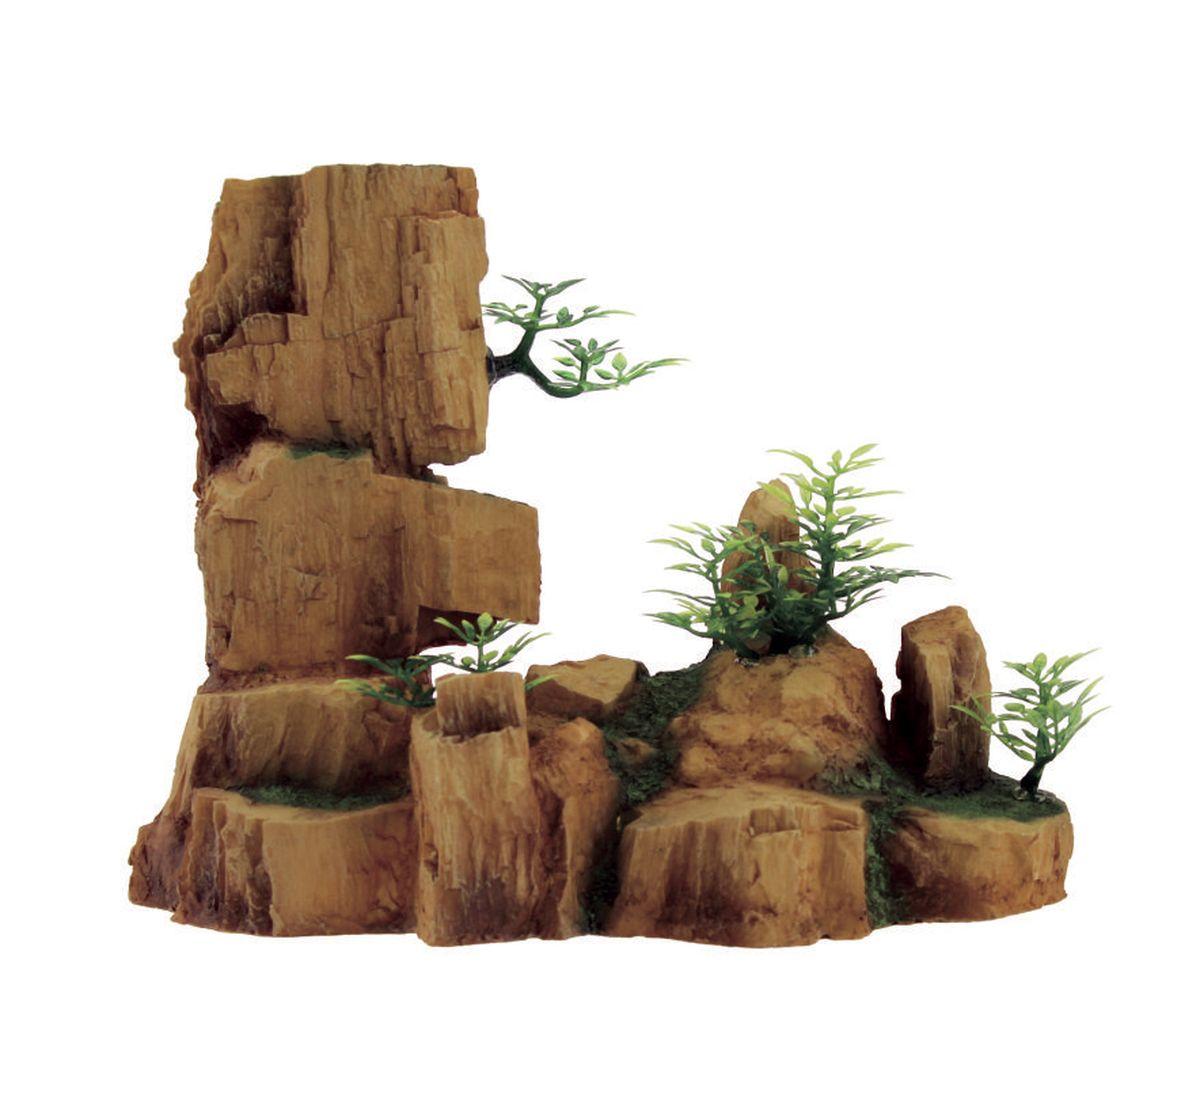 Декорация для аквариума ArtUniq Древние скалы, 24,5 x 11,5 x 19,1 см0120710Декорация ArtUniq – это яркая и важная часть любой композиции, она поможет вдохнуть жизнь в ландшафт любого аквариума или террариума. Декорация безопасна для обитателей аквариума, она не меняет параметры воды. Многие обитатели аквариума часто используют декорации как укрытия, в которых они живут и размножаются. Благодаря декорациям ArtUniq вы сможете создать прекрасный пейзаж на дне вашего аквариума или террариума.